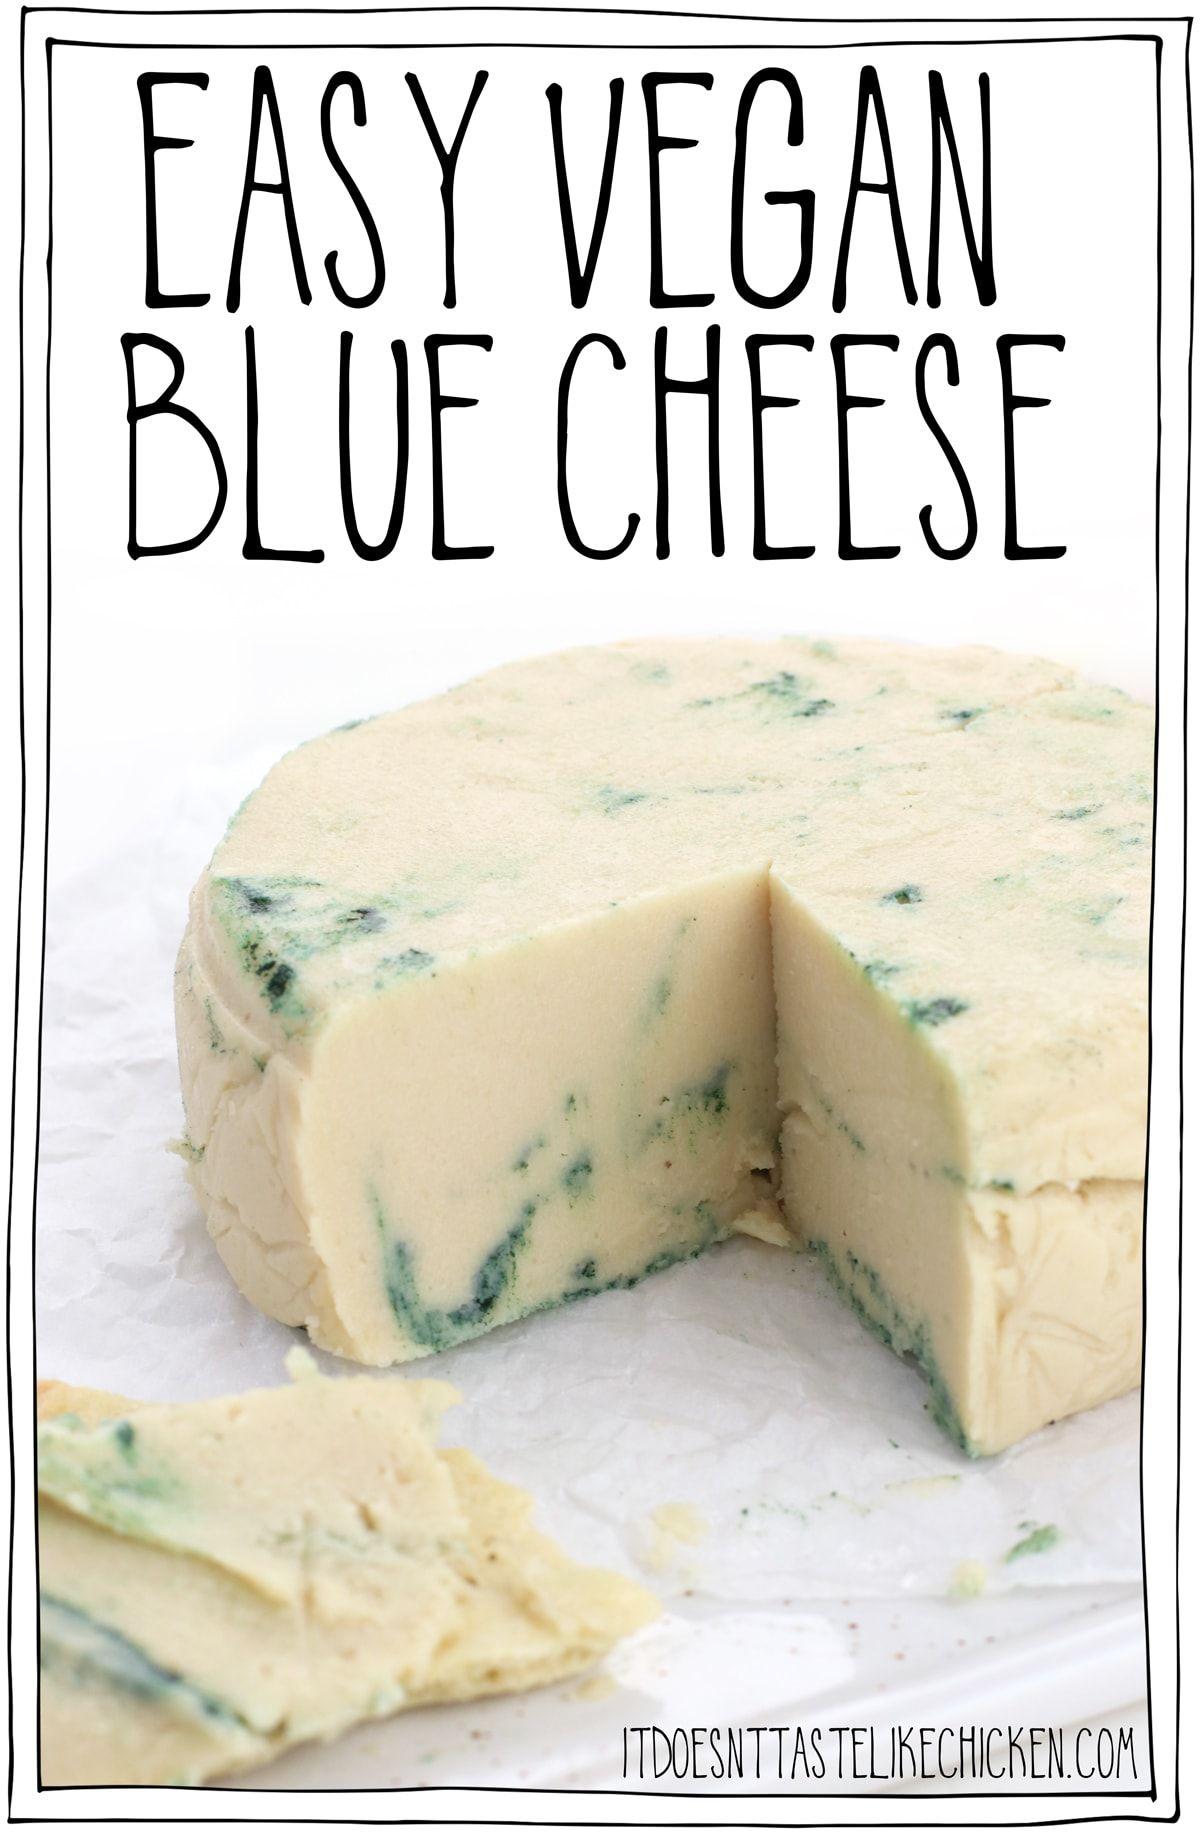 Easy Vegan Blue Cheese Recipe Recipe In 2020 Vegan Blue Cheese Recipe Blue Cheese Recipes Vegan Cheese Recipes